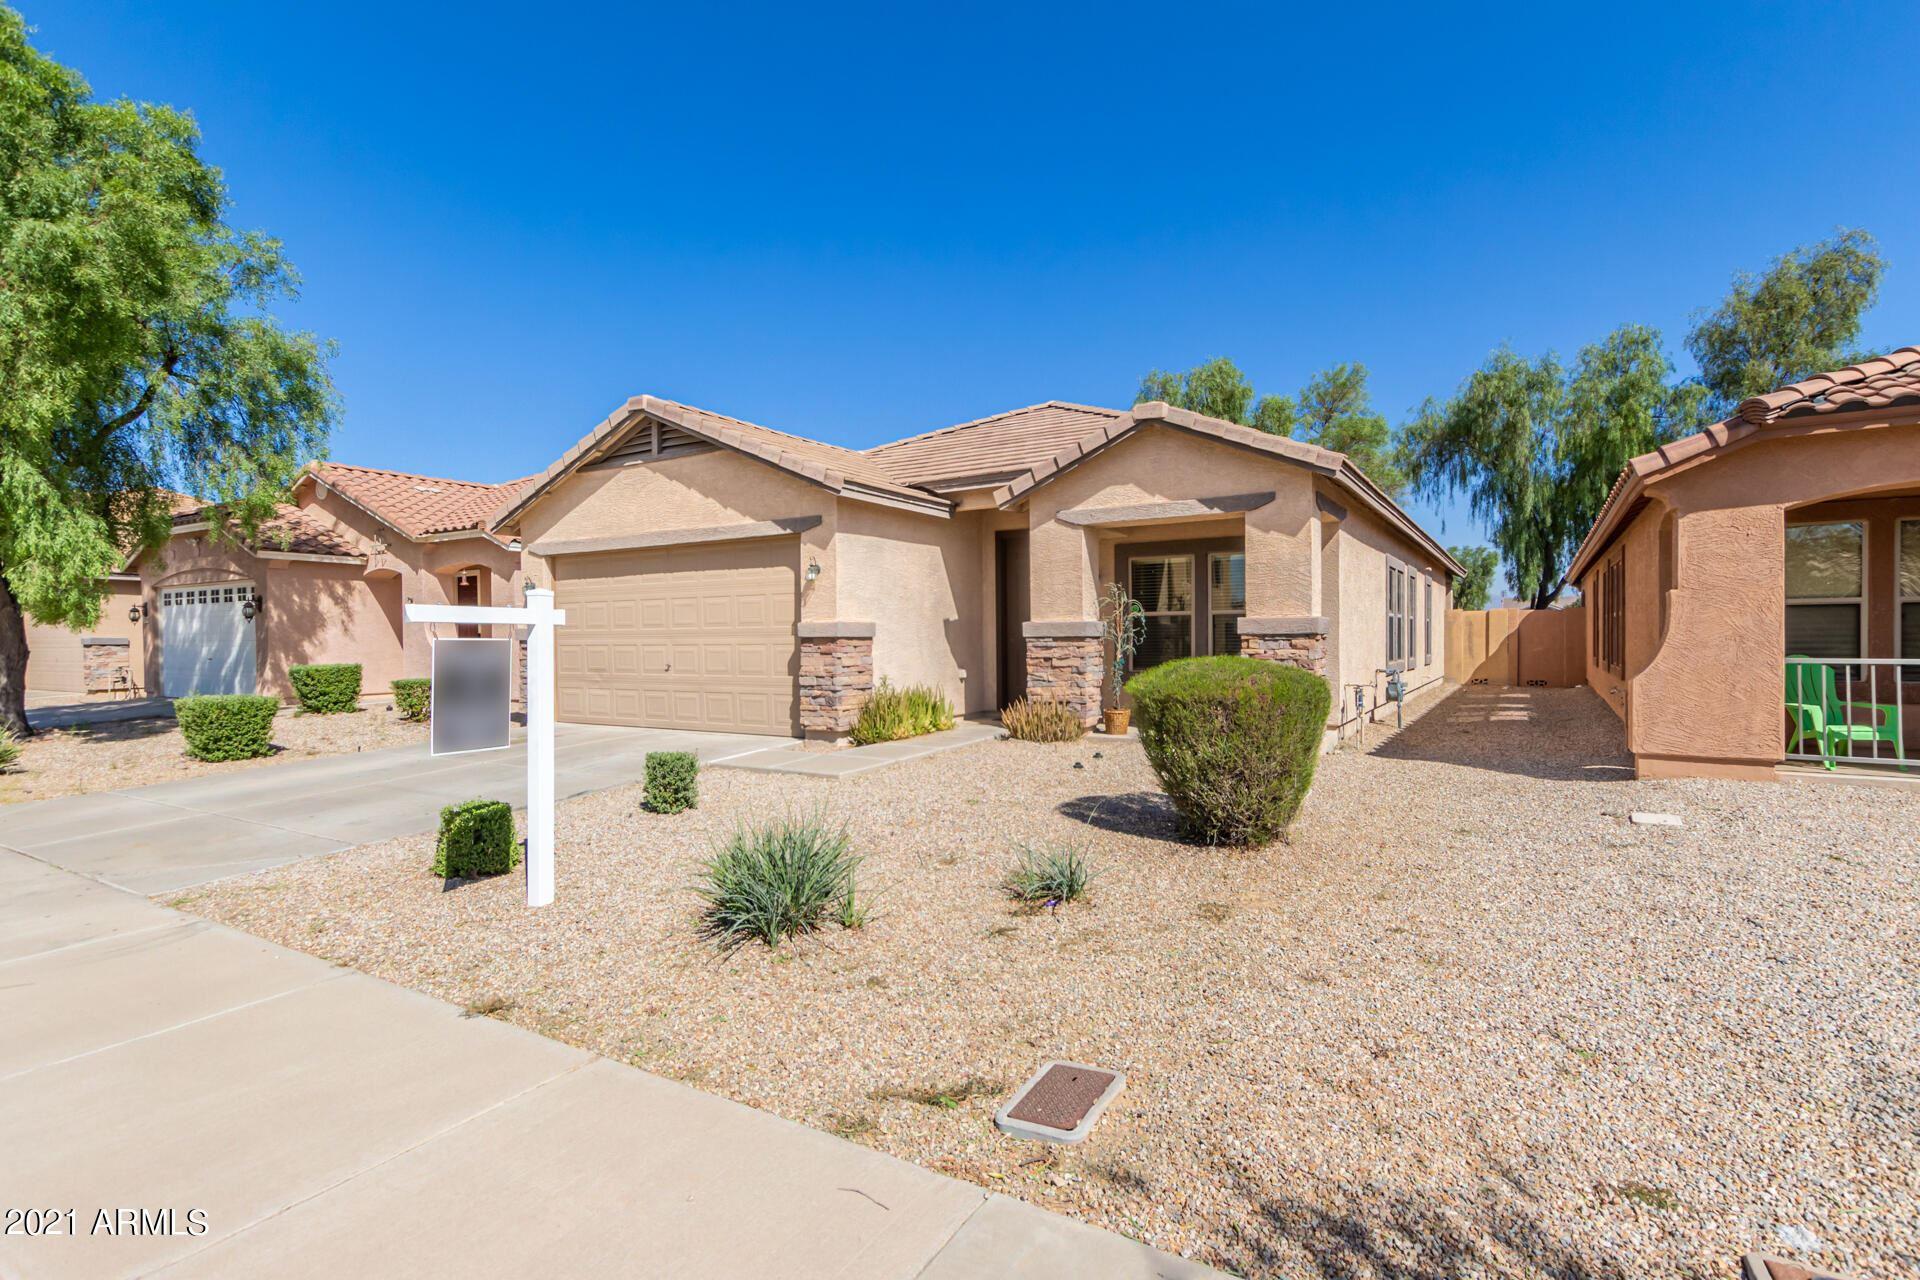 Photo of 22170 E VIA DEL PALO --, Queen Creek, AZ 85142 (MLS # 6307061)